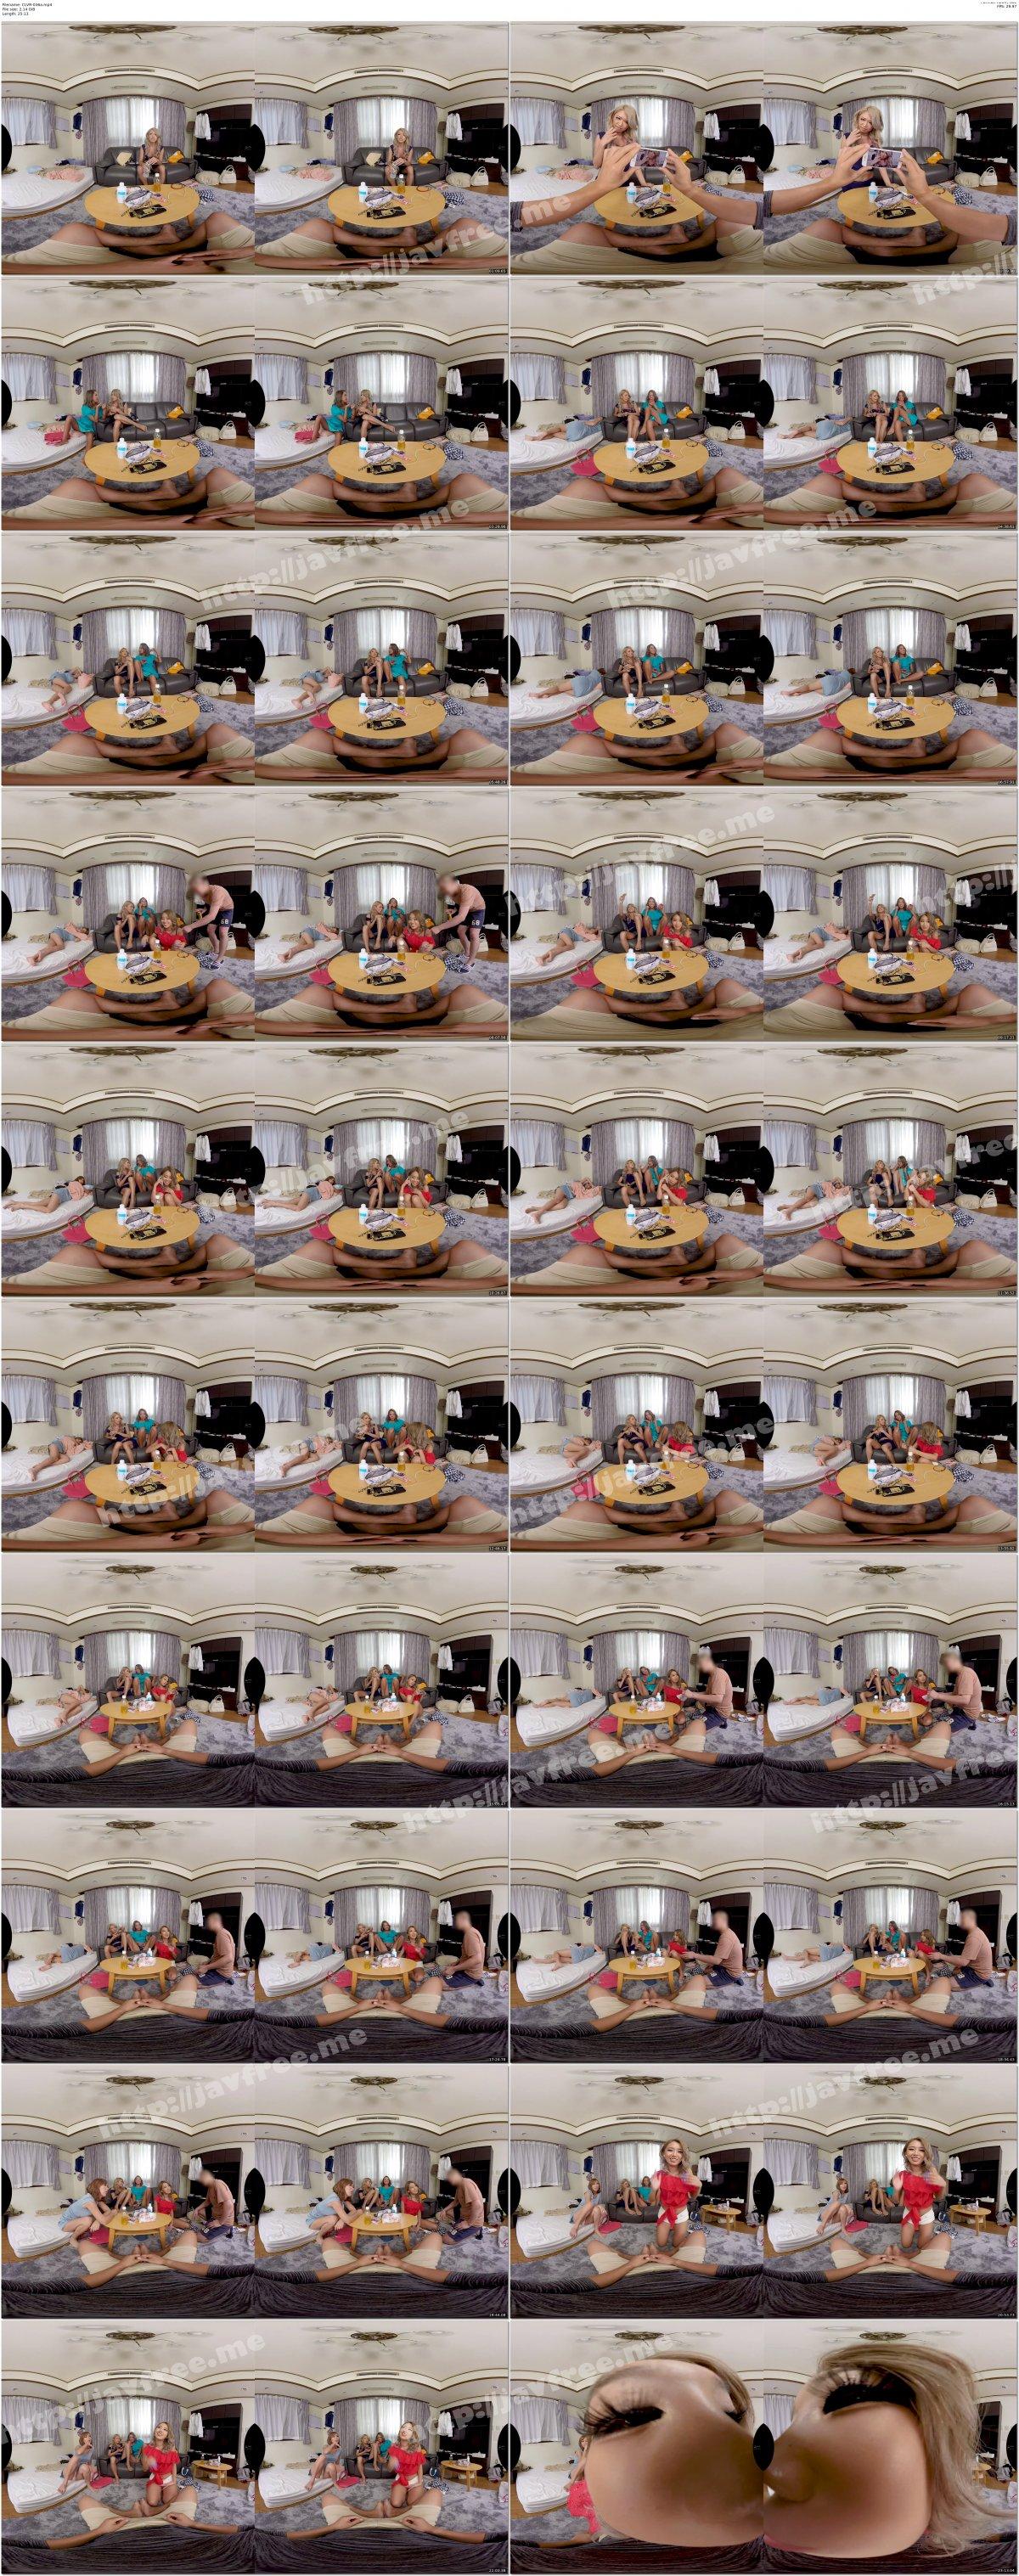 [CLVR-036] 【VR】僕の部屋はギャルデリヘルの待機部屋!! マジ卍!生本番OK!テンションMAX!無法地帯に男は僕一人だけ。中出し三昧VR!! - image CLVR-036a on https://javfree.me